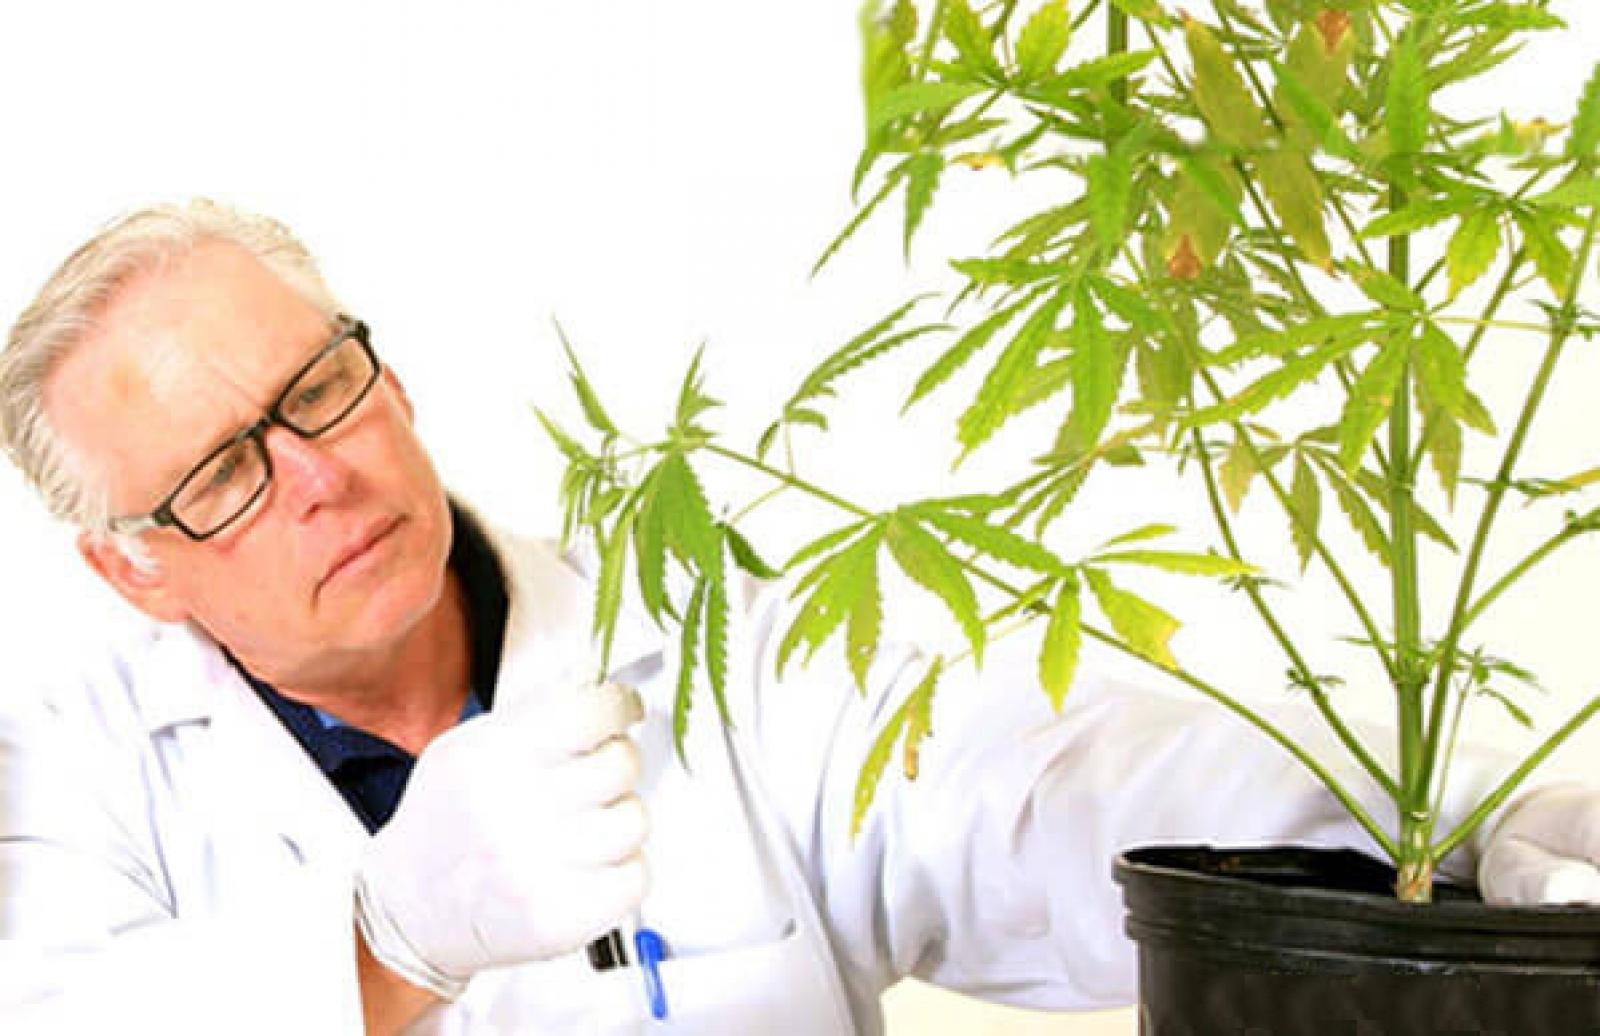 Медицинские исследования марихуаны сколько держится в моче марихуана